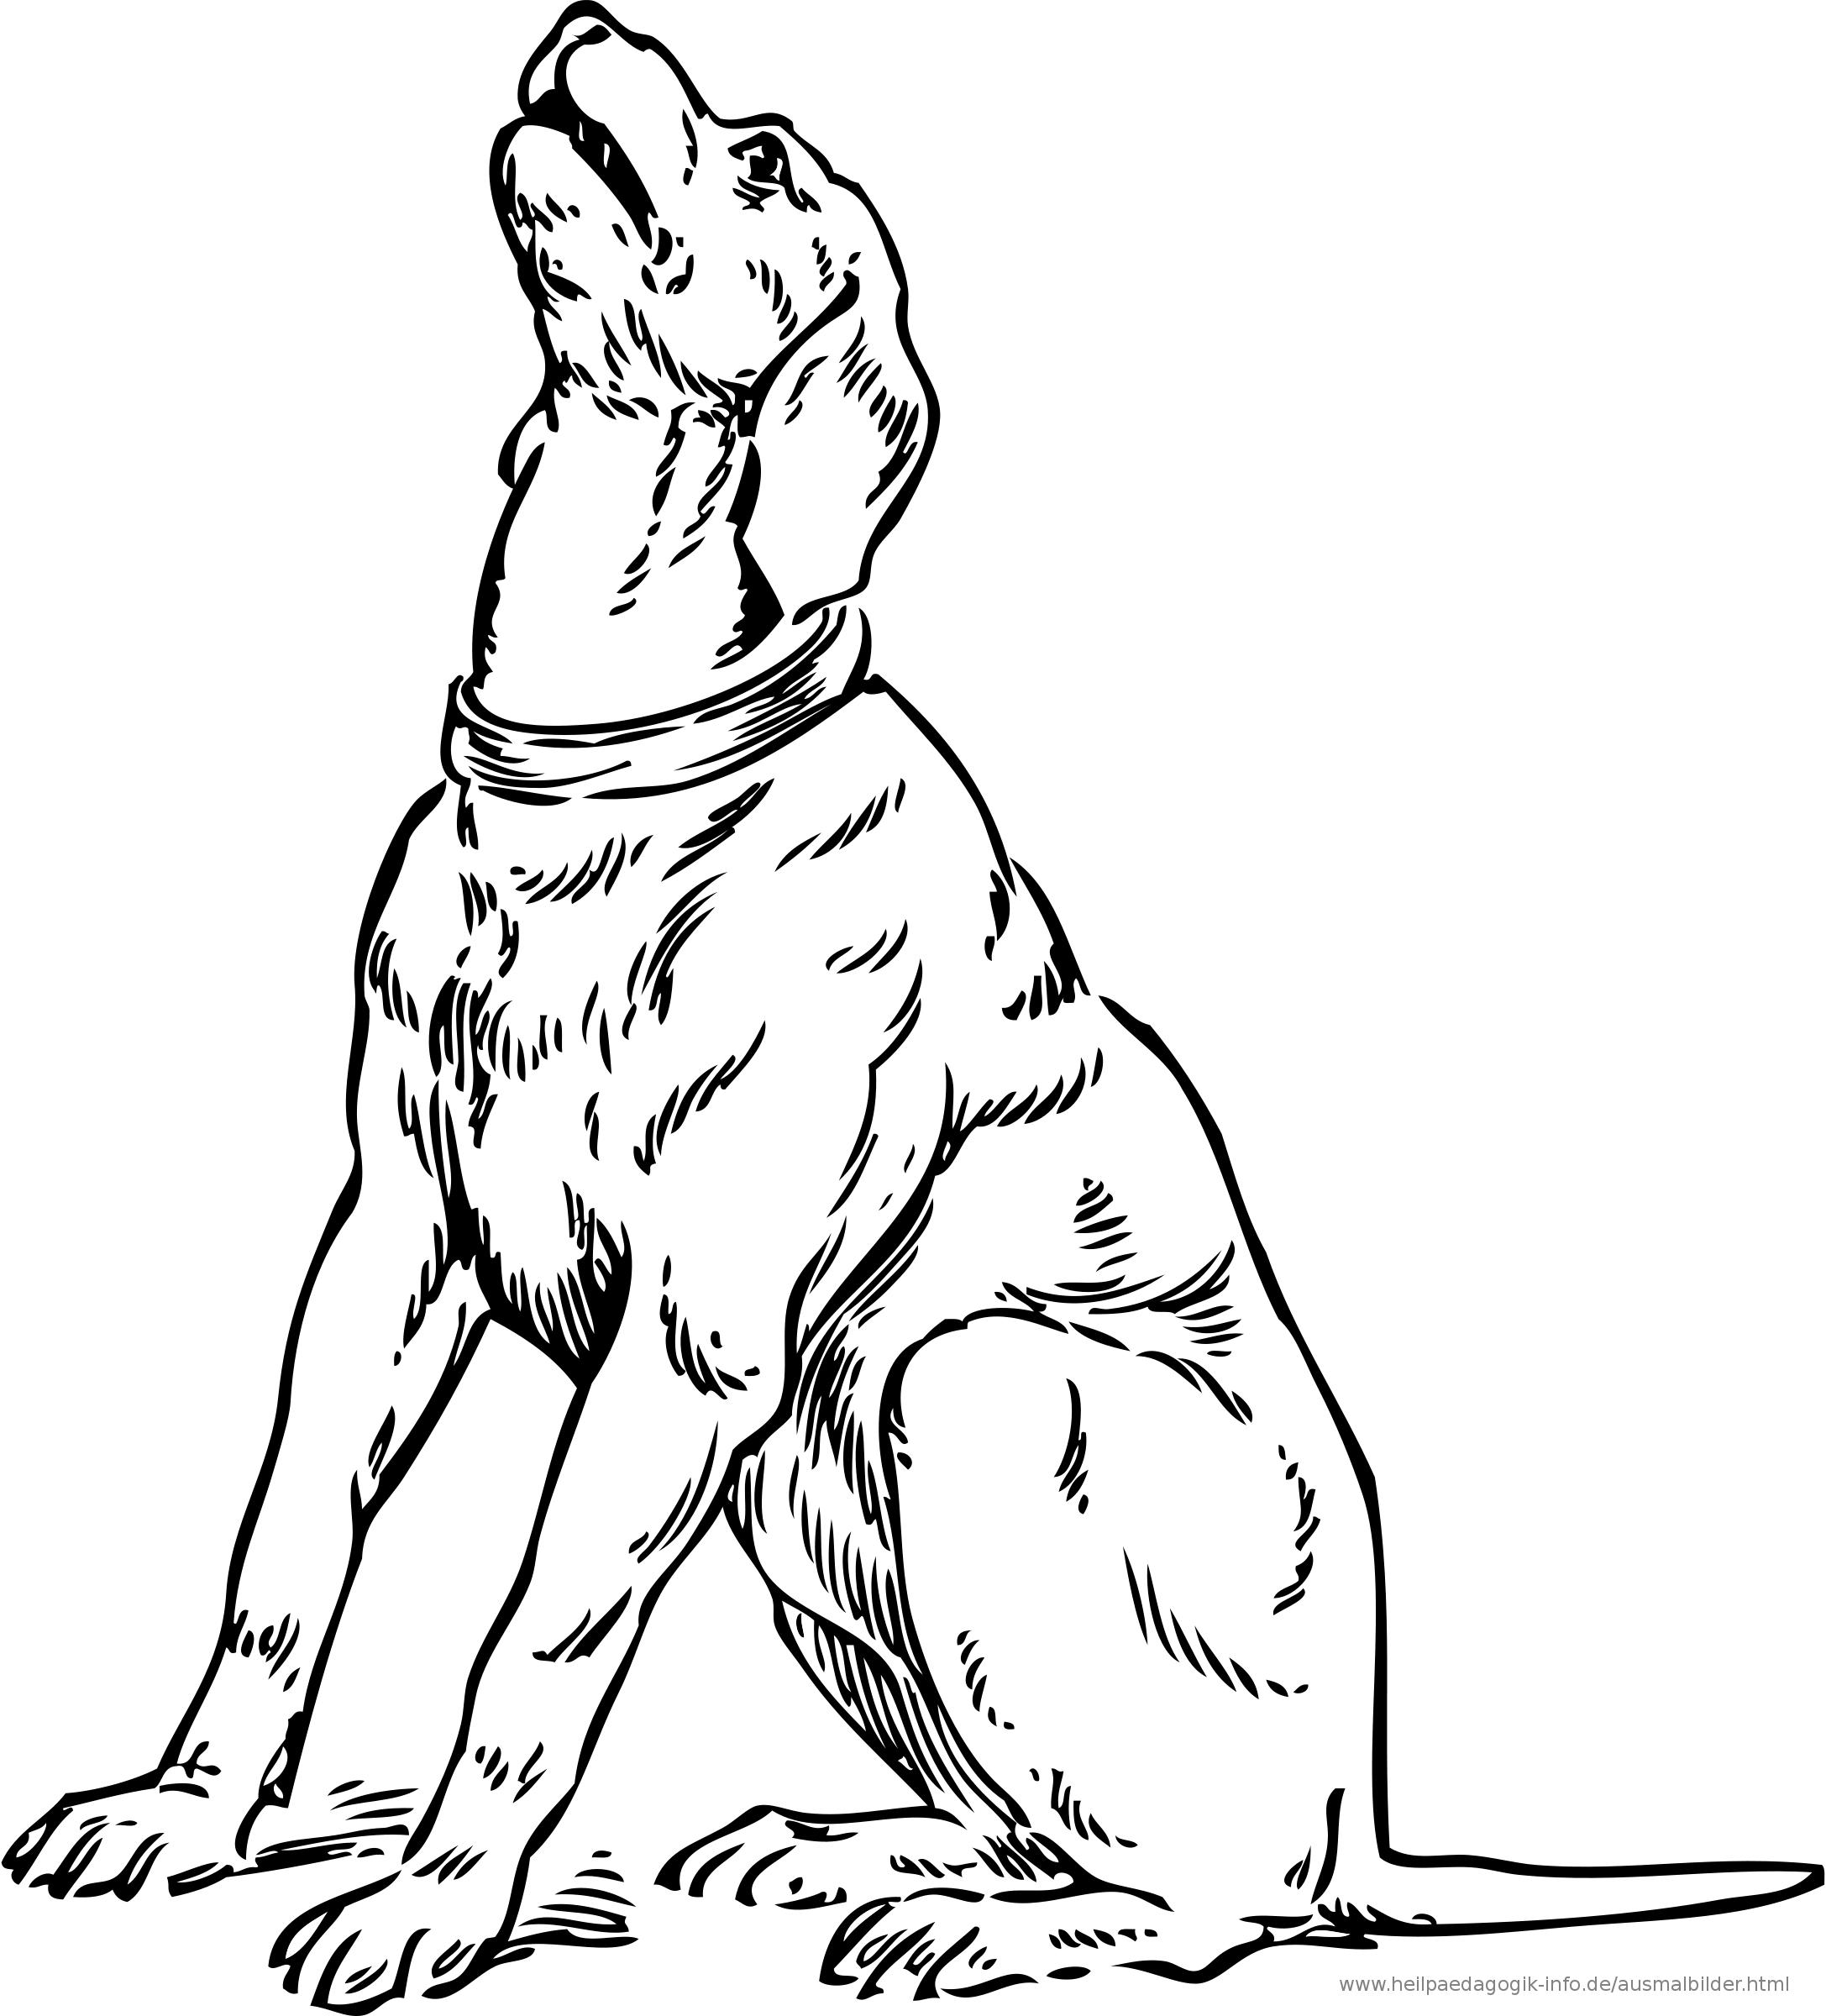 Bellender Hund PNG-PlusPNG.com-2174 - Bellender Hund PNG